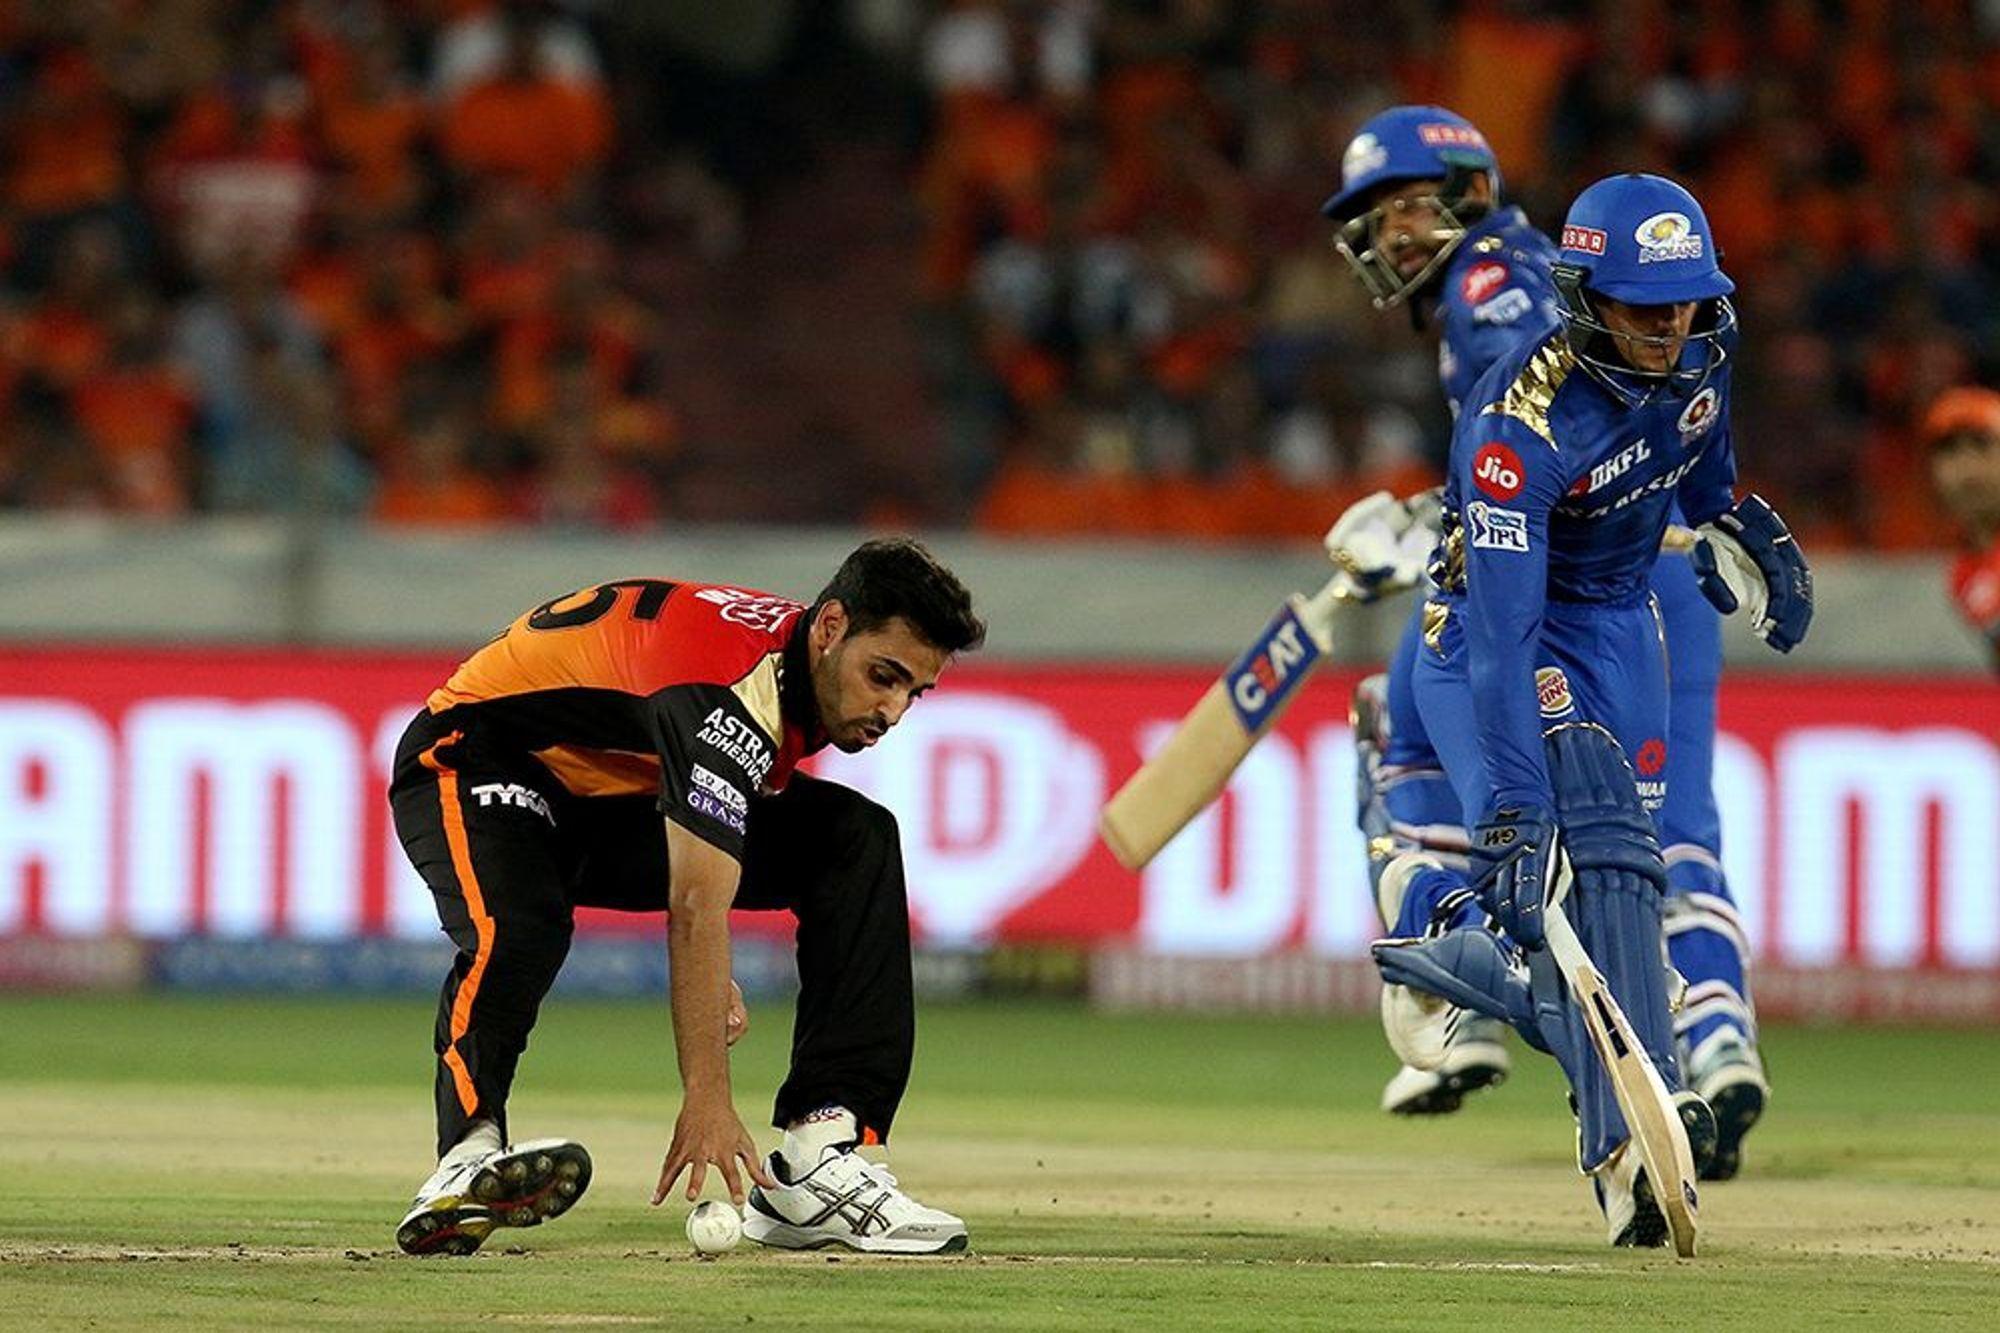 SRHvsMI: सनराइजर्स हैदराबाद की हार के बाद उठा सवाल, क्या फिक्स था ये मैच, लोगों ने कही ये बात 50